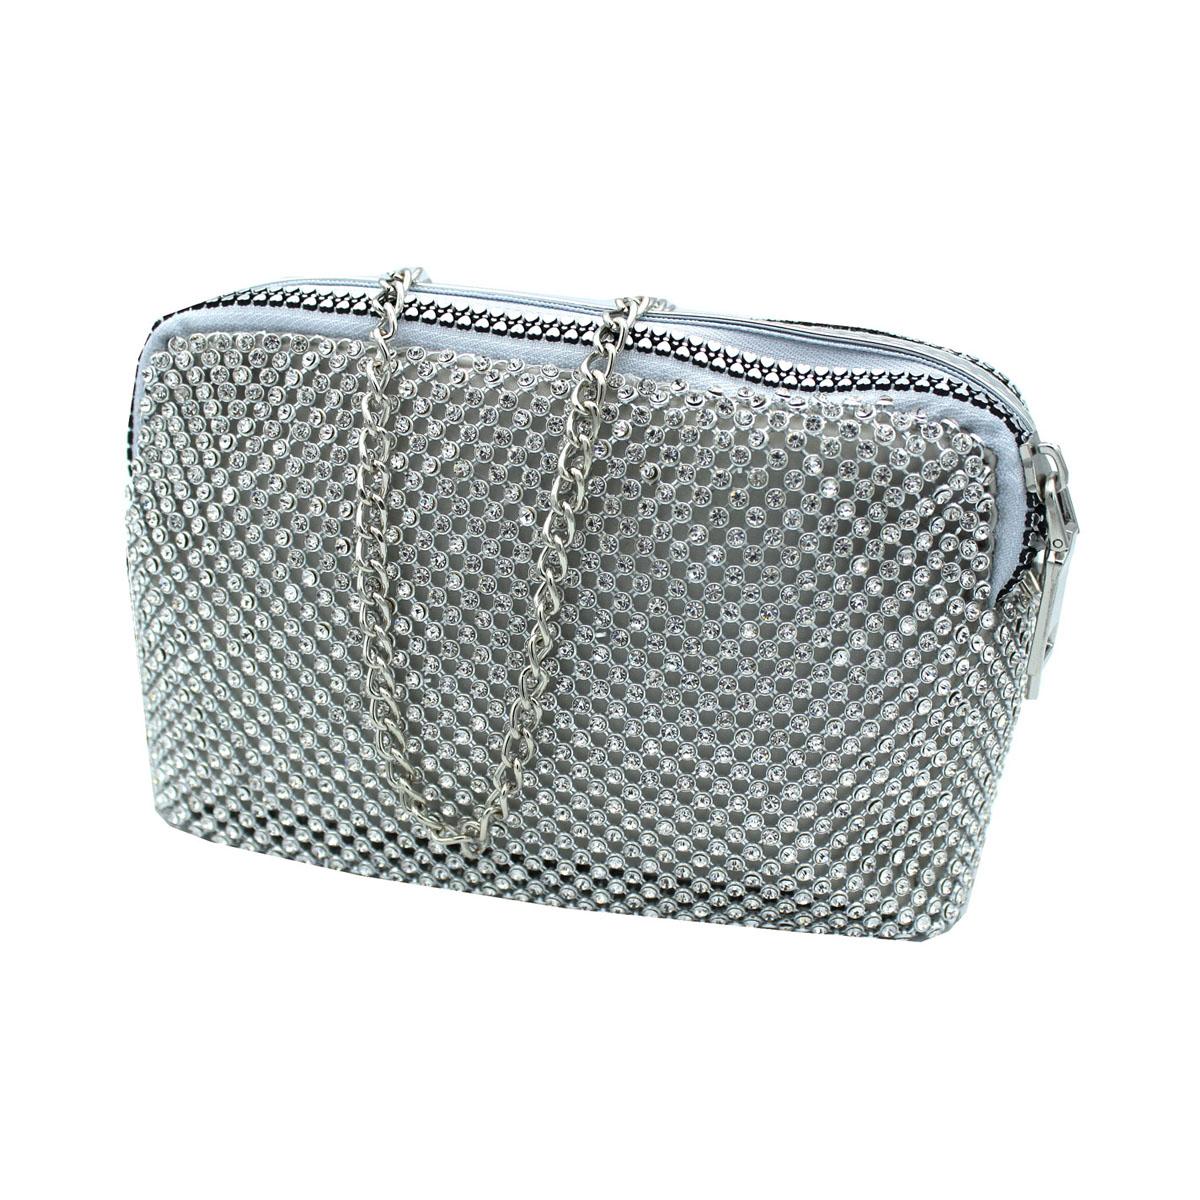 0bf6c1643b Borsetta donna borsa clutch con strass da sera cerimonia Michelle moon  v4098 sil